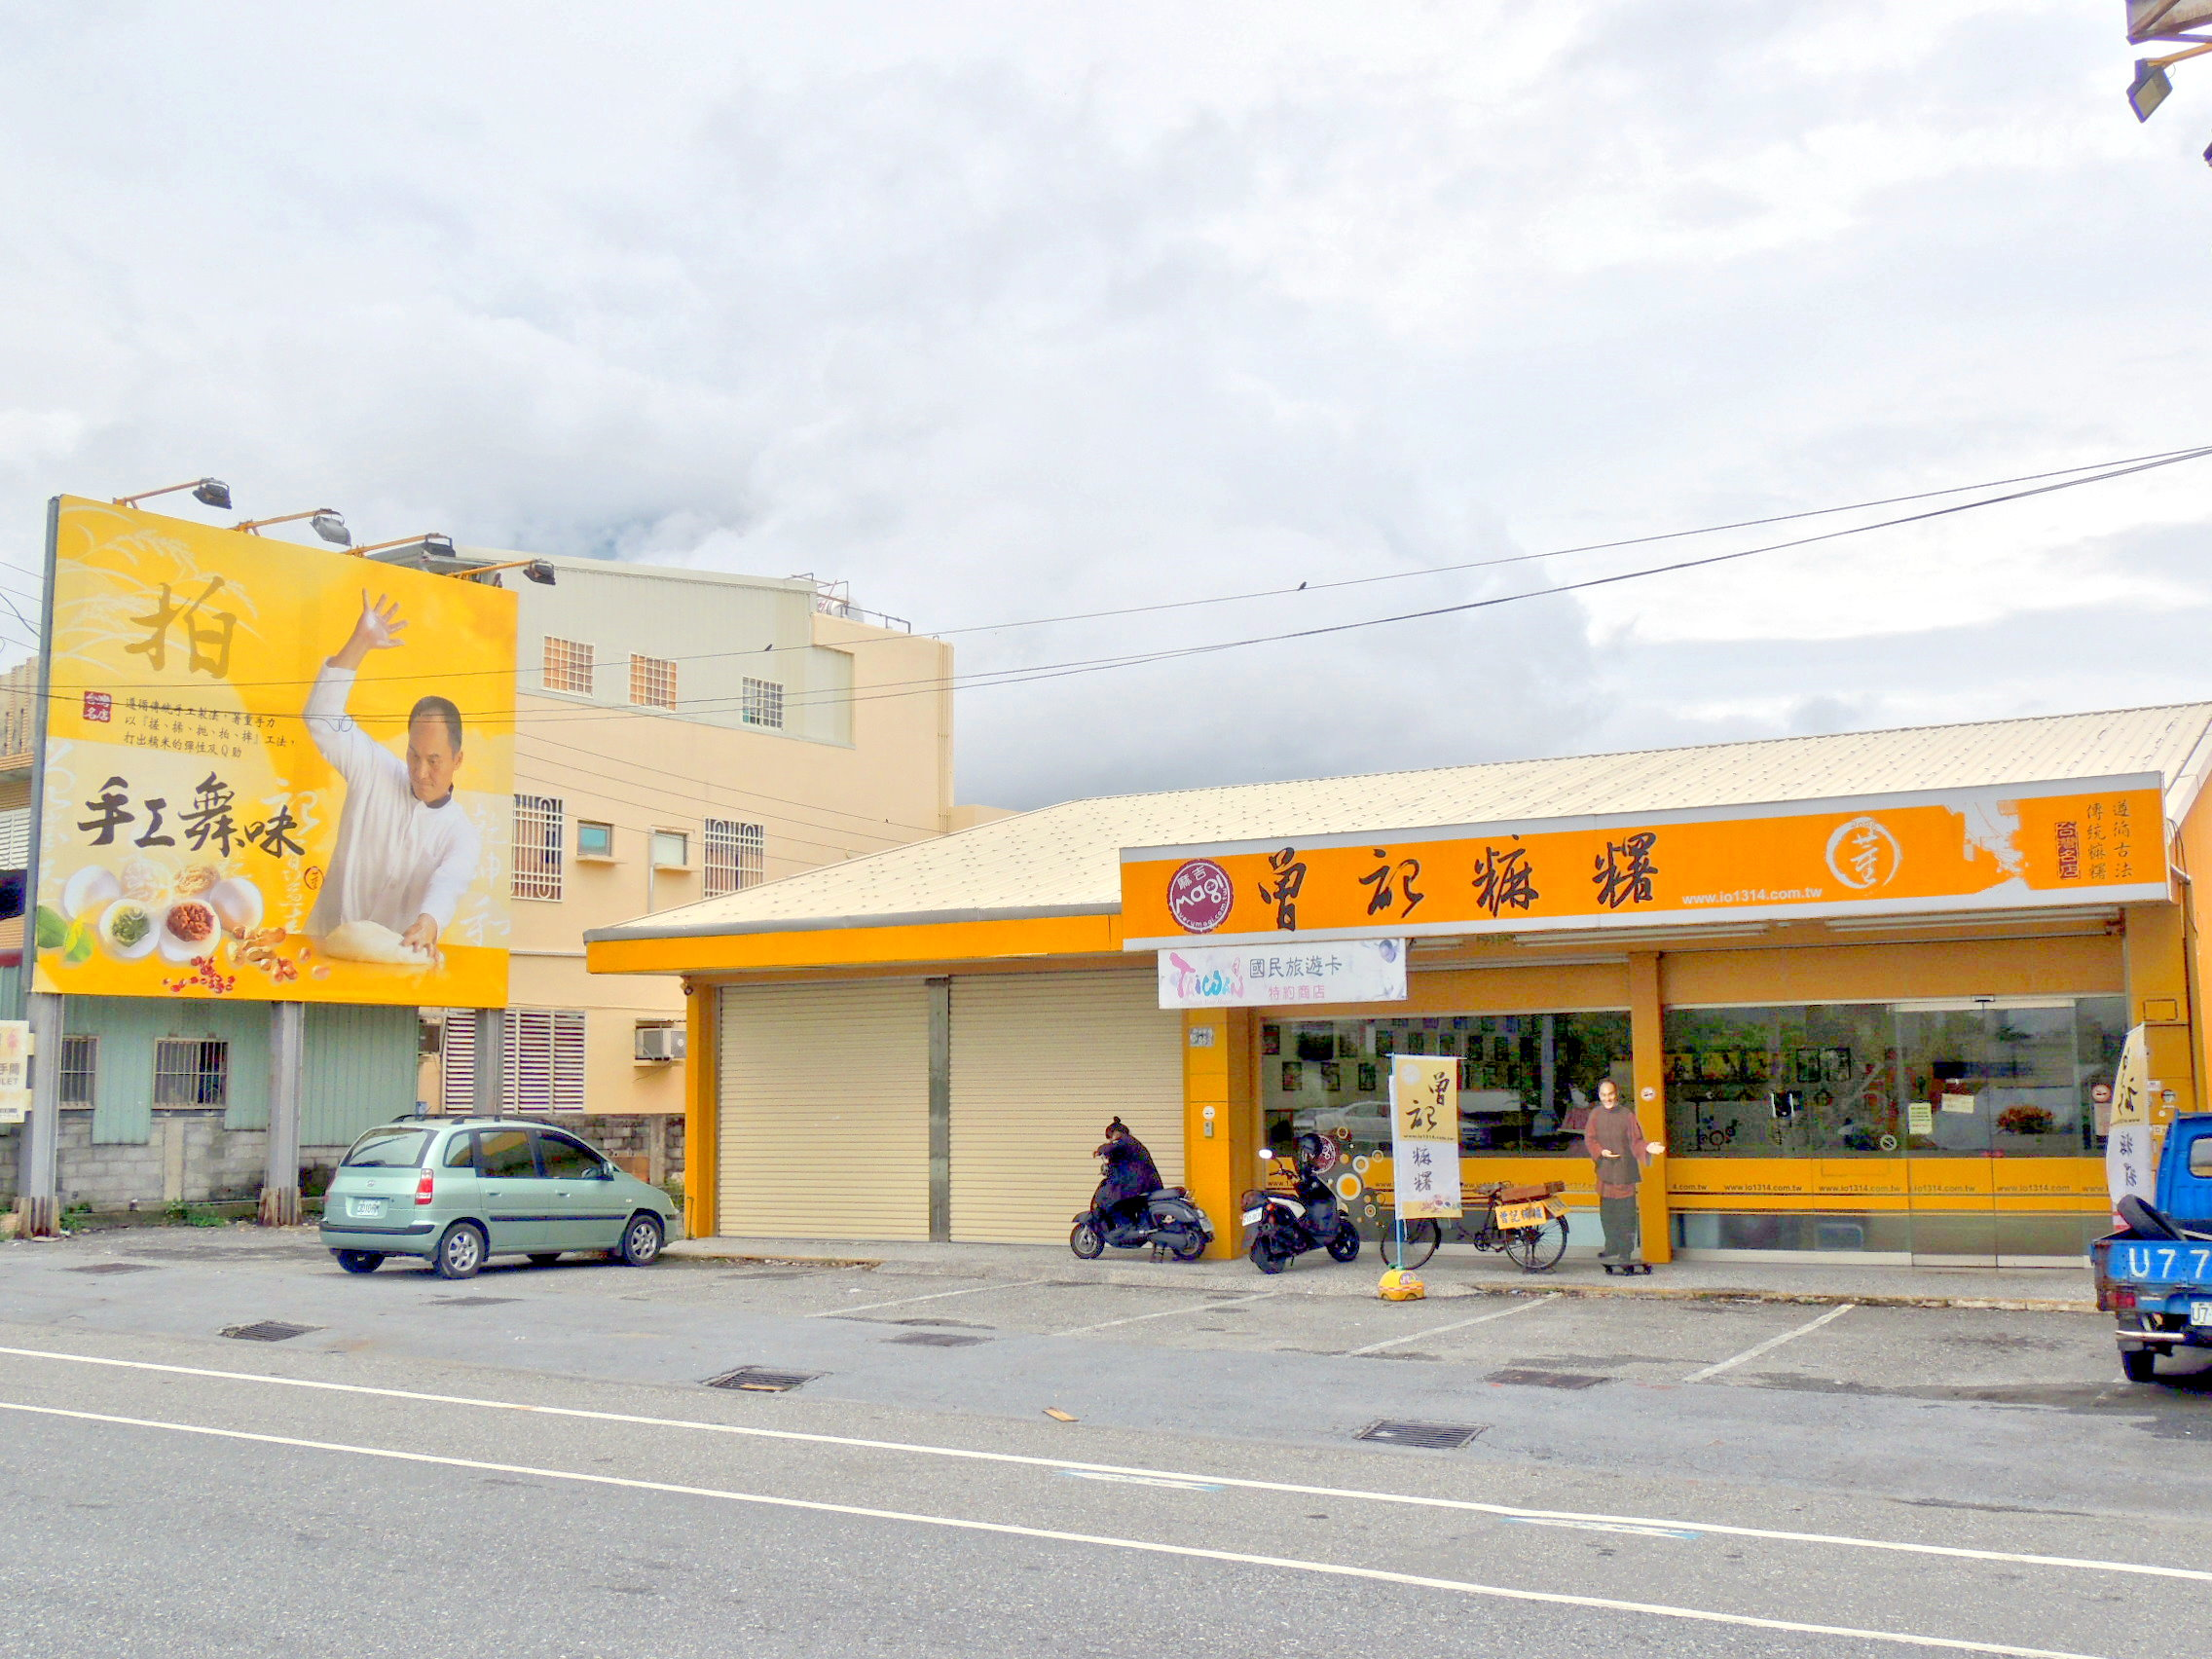 Taroko store,tzen,花蓮特產,曾記麻糬太魯閣門市,花蓮縣新城鄉新興路